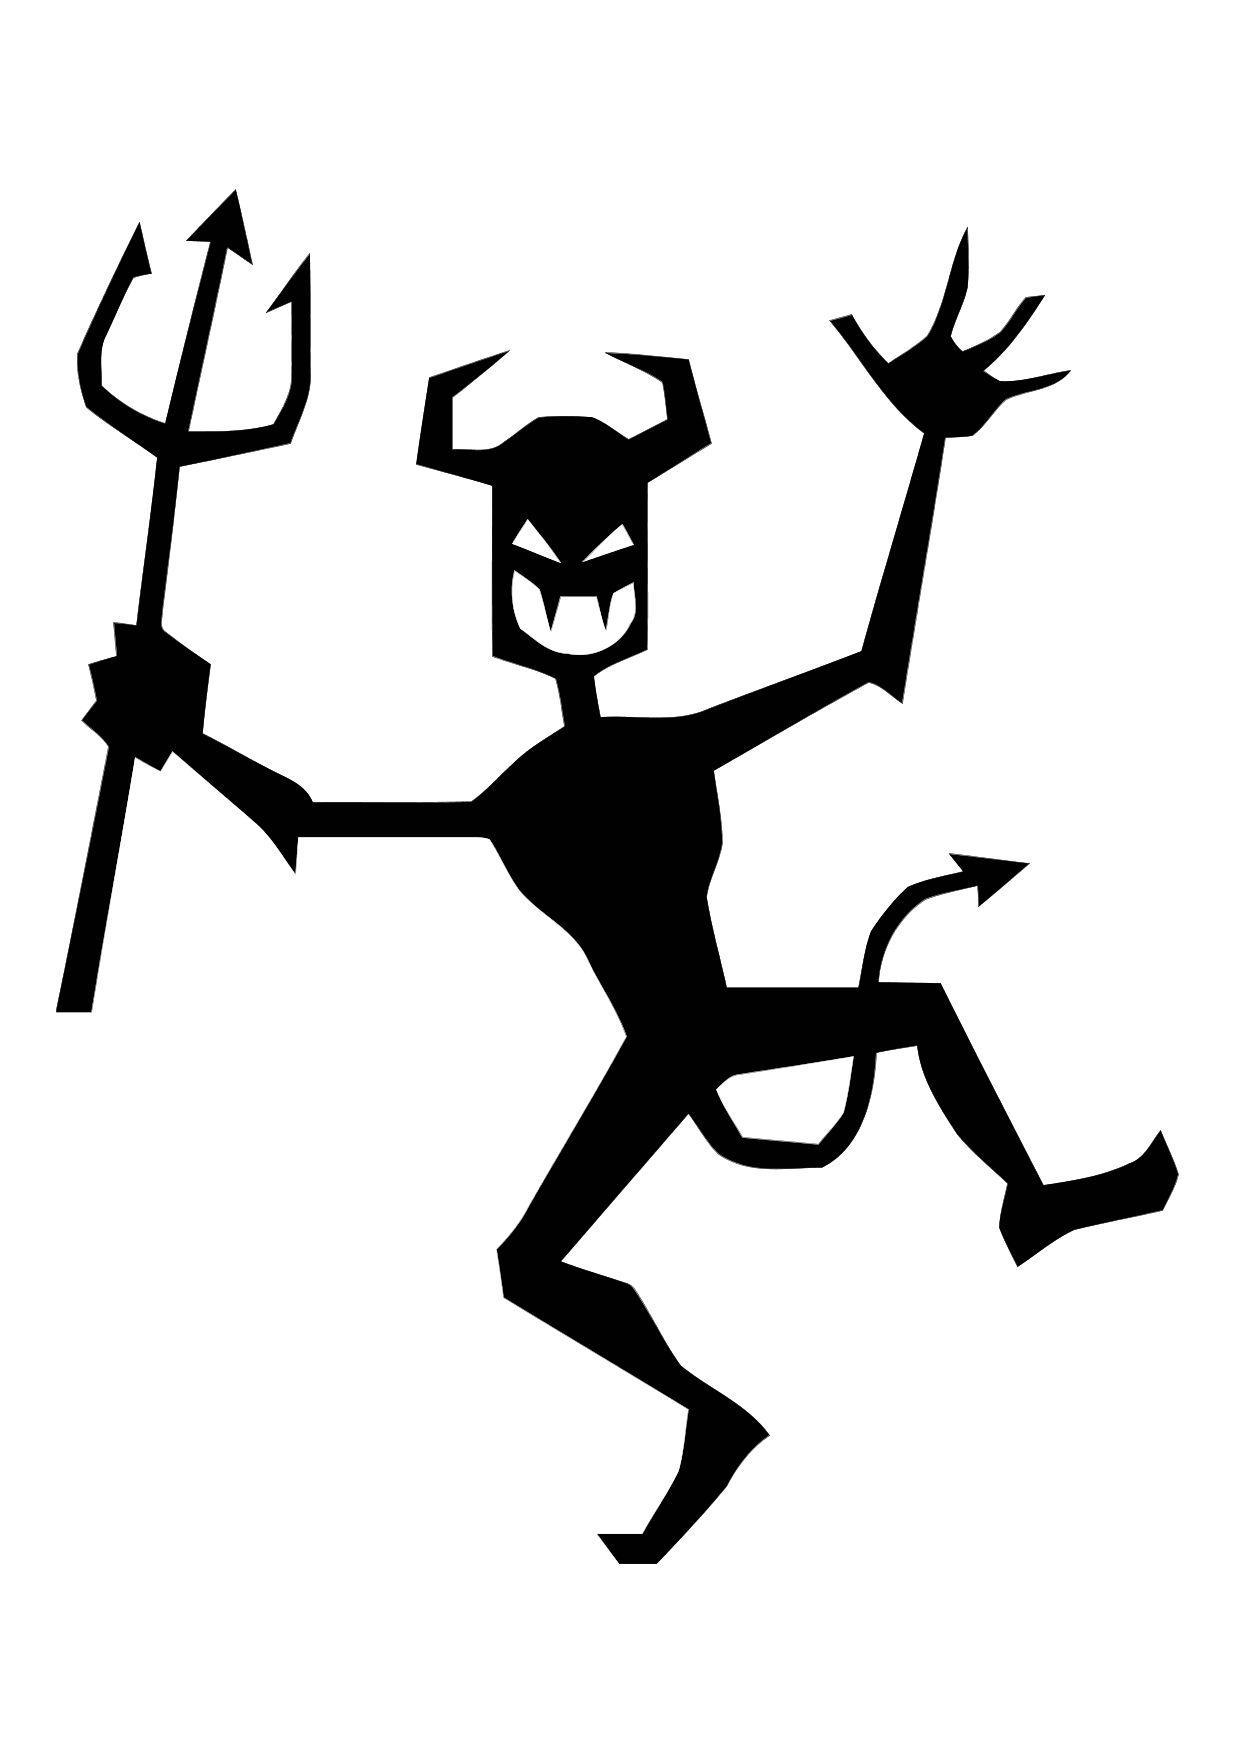 Coloriage petit diable dansant img 11309 - Coloriage de diable ...